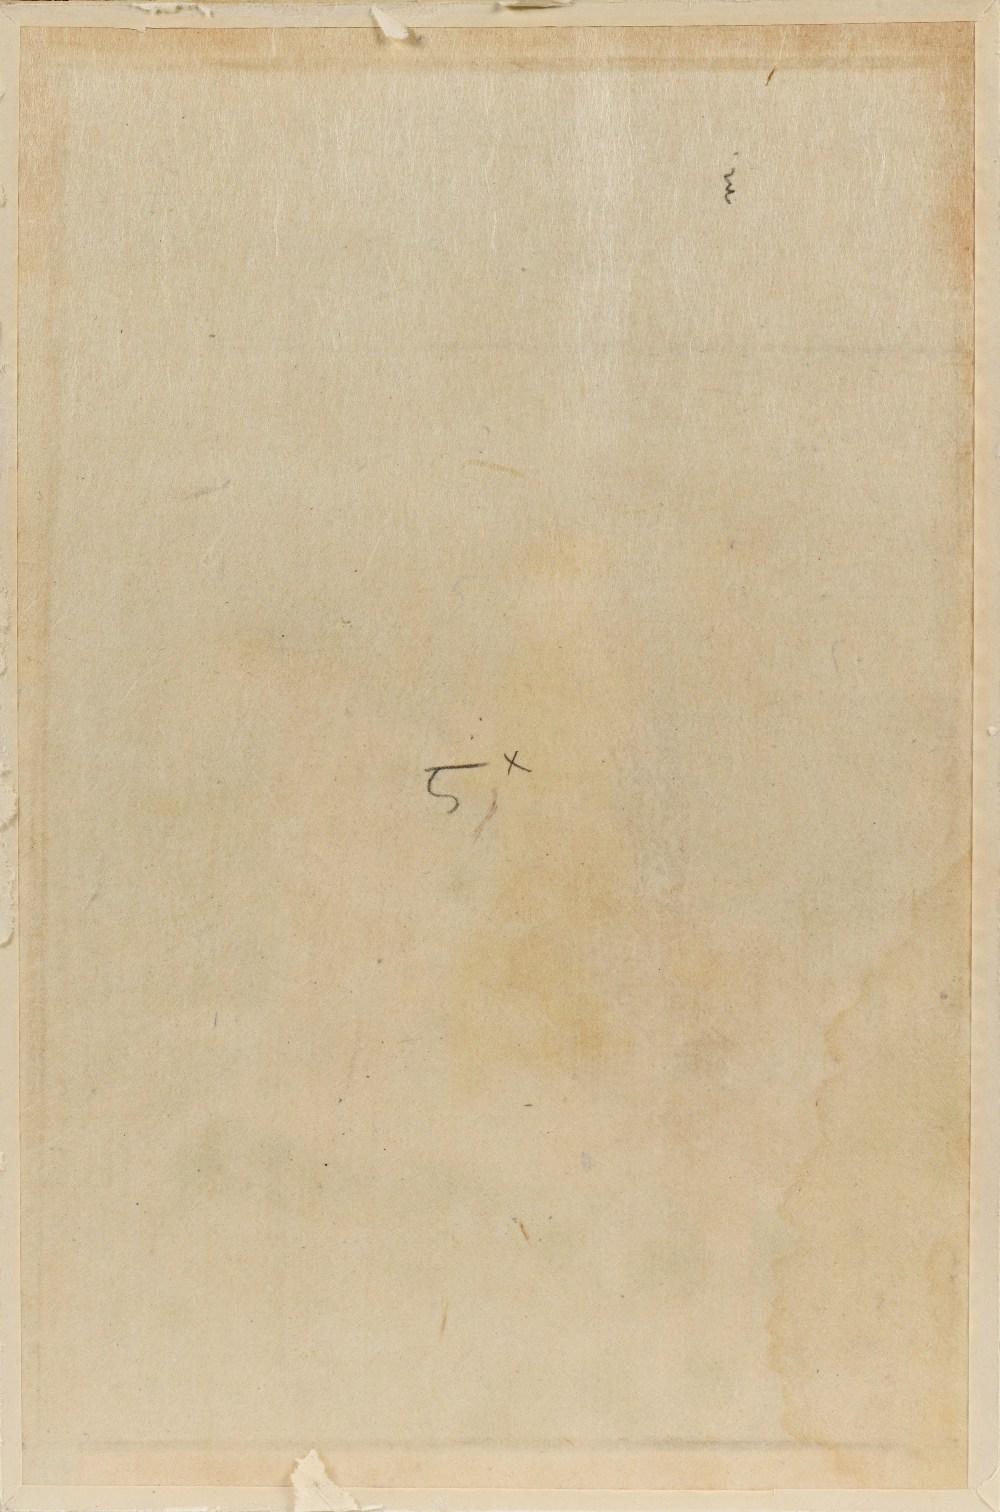 Portrait équestre d'un princeInde moghole, début du XVIIIe siècleGouache rehaussée d'or sur papier - Image 4 of 4